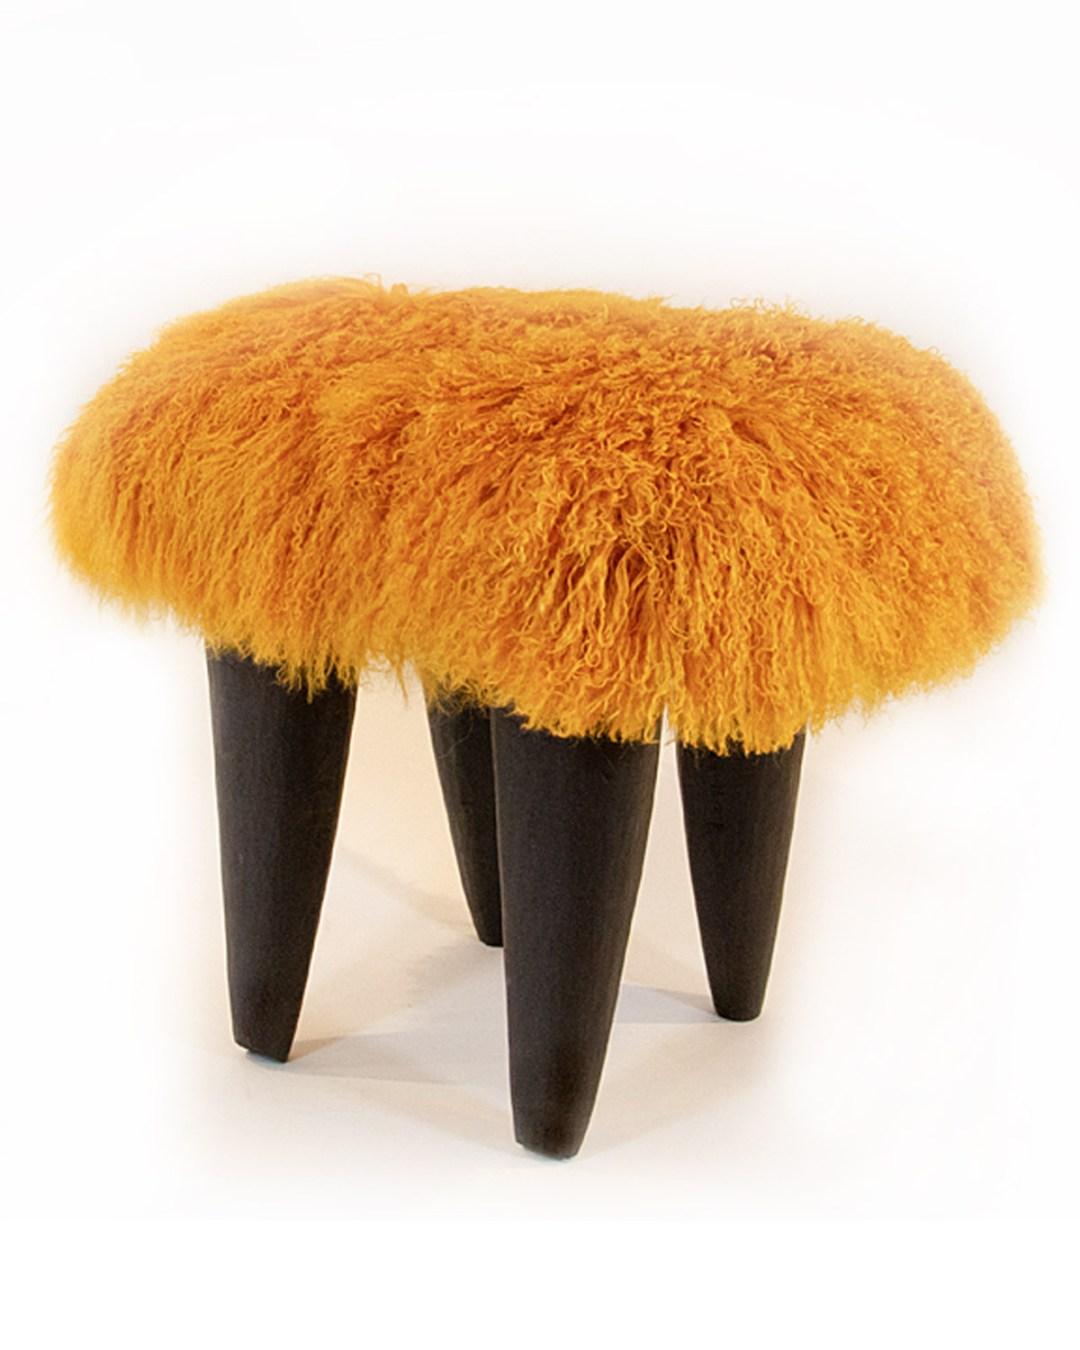 FUFU, Aubergine with Deep Anthracite legs